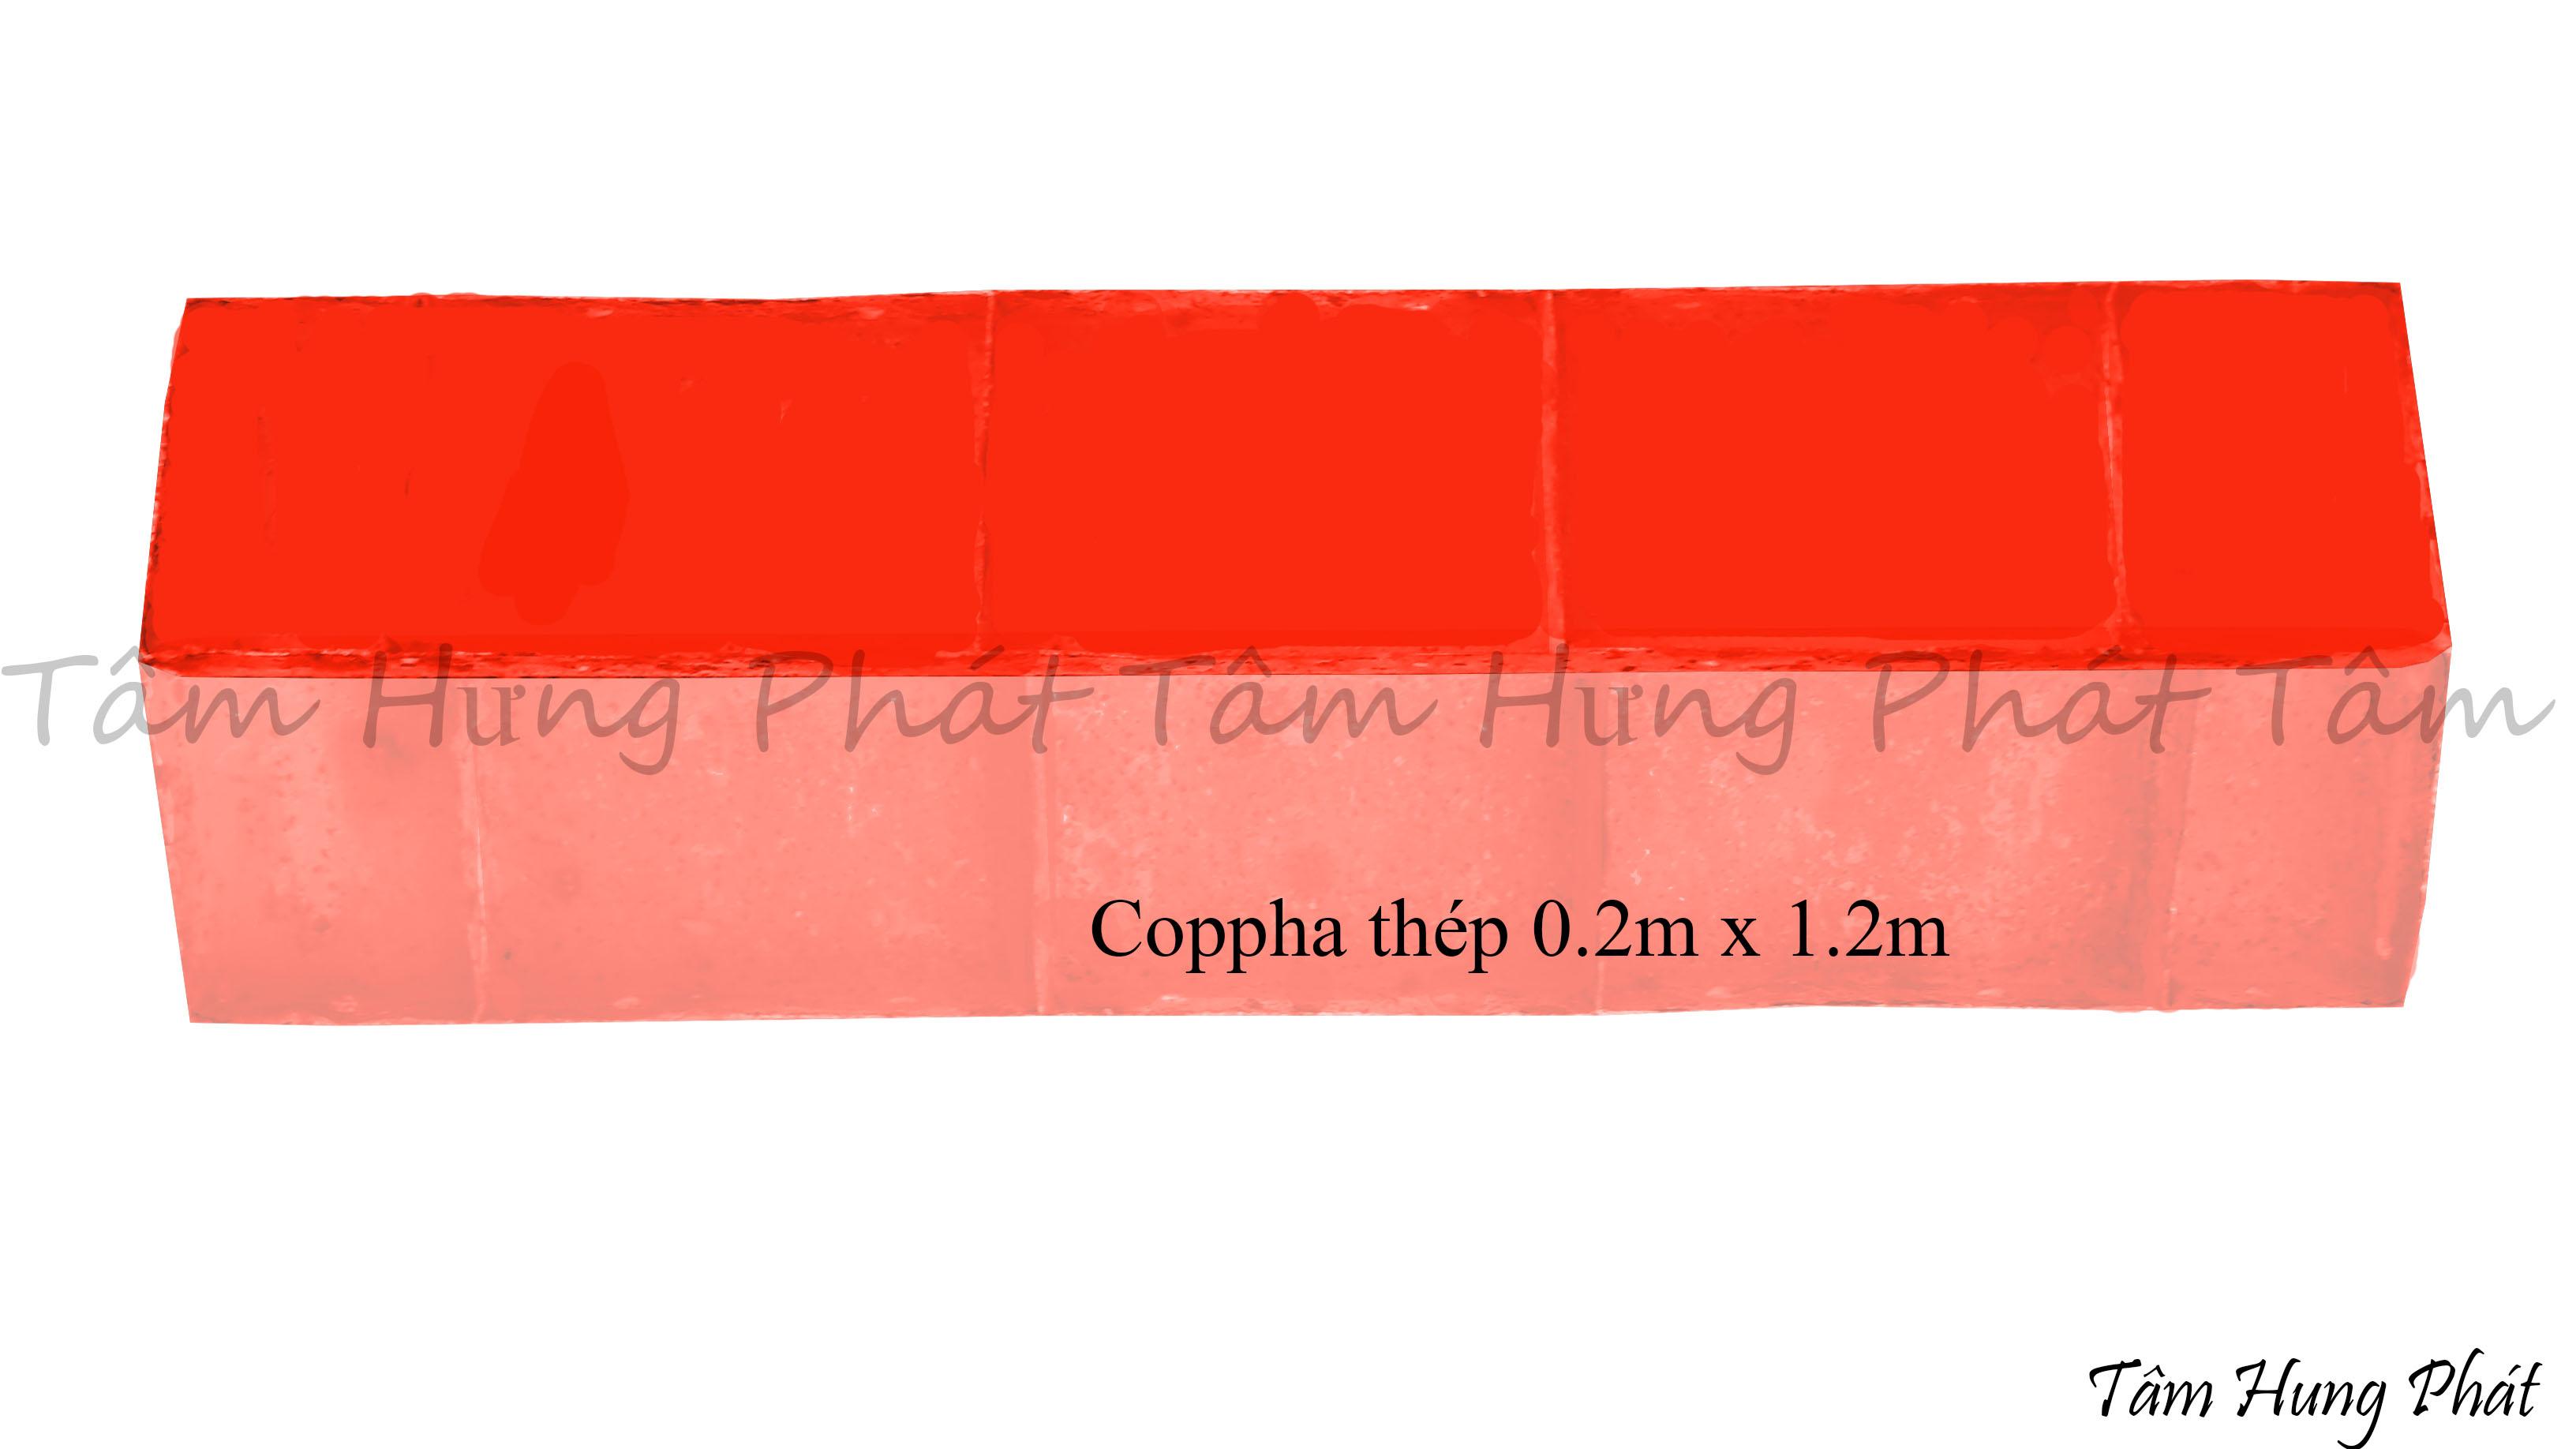 coppha thép 0.2x1.2m